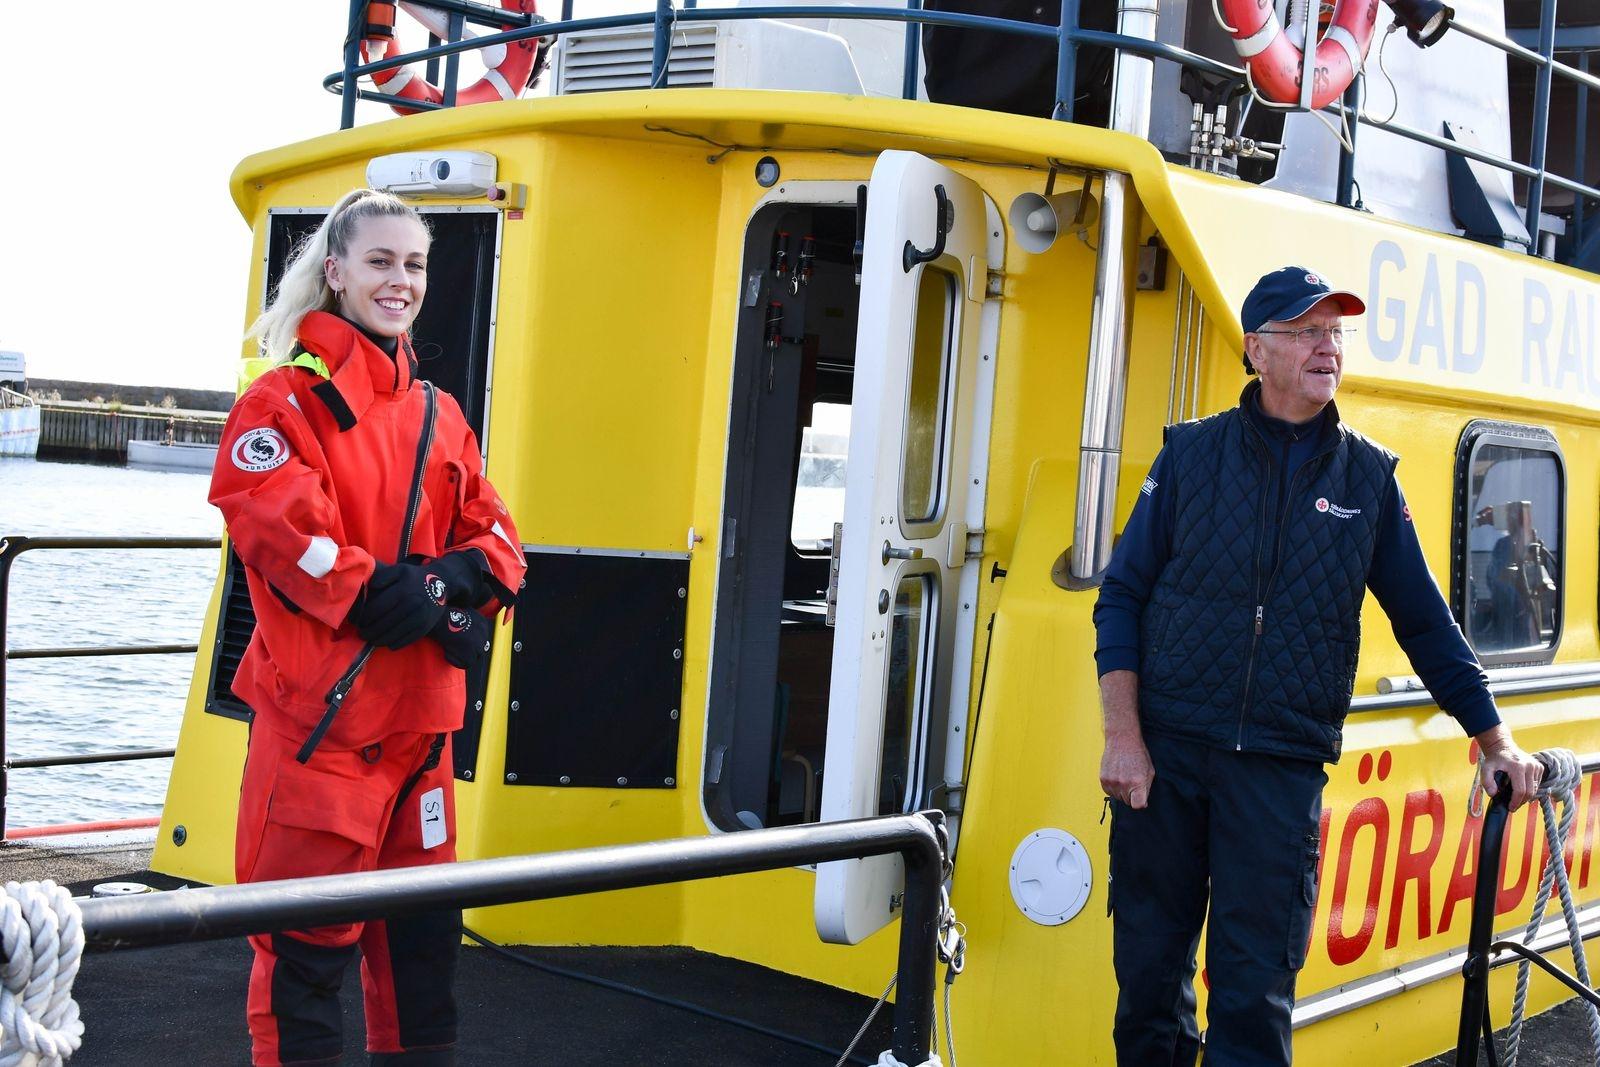 Felicia Lindblom visade skyddsdräkten som sjöräddarna måste ha på sig när de går ut med Rescue Pantamera och det är under 12 grader i vattnet.